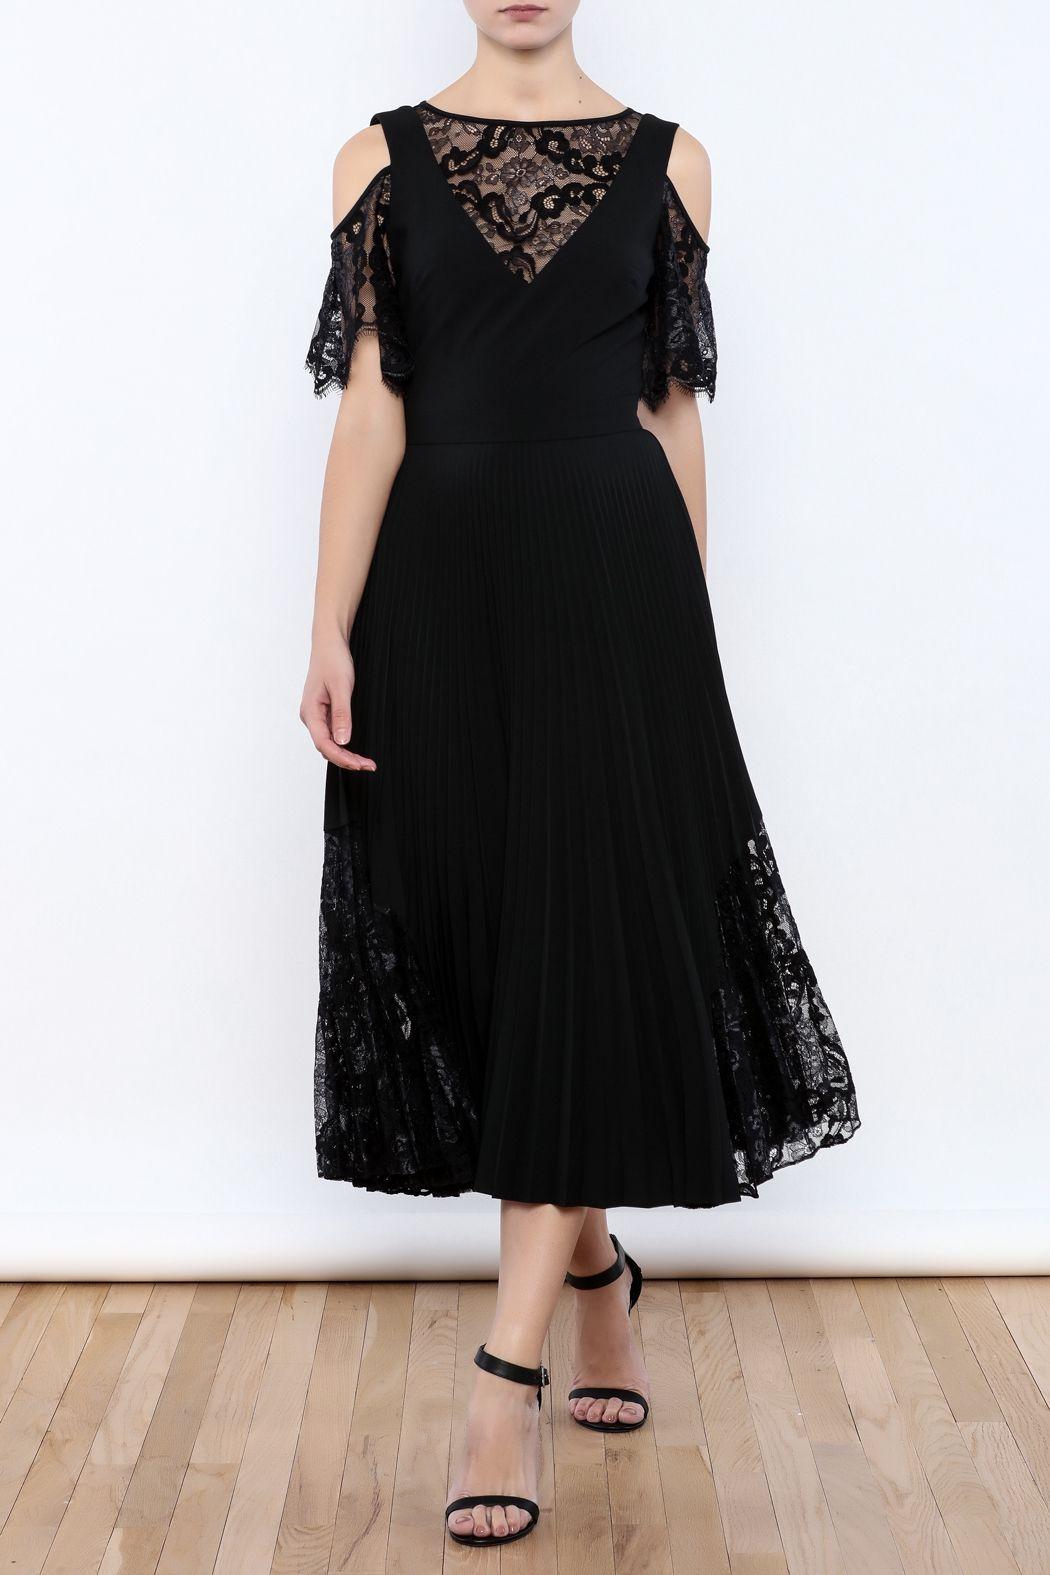 Nicole Miller Black Illusion Dress | Shoptiques Love Box | Pinterest ...